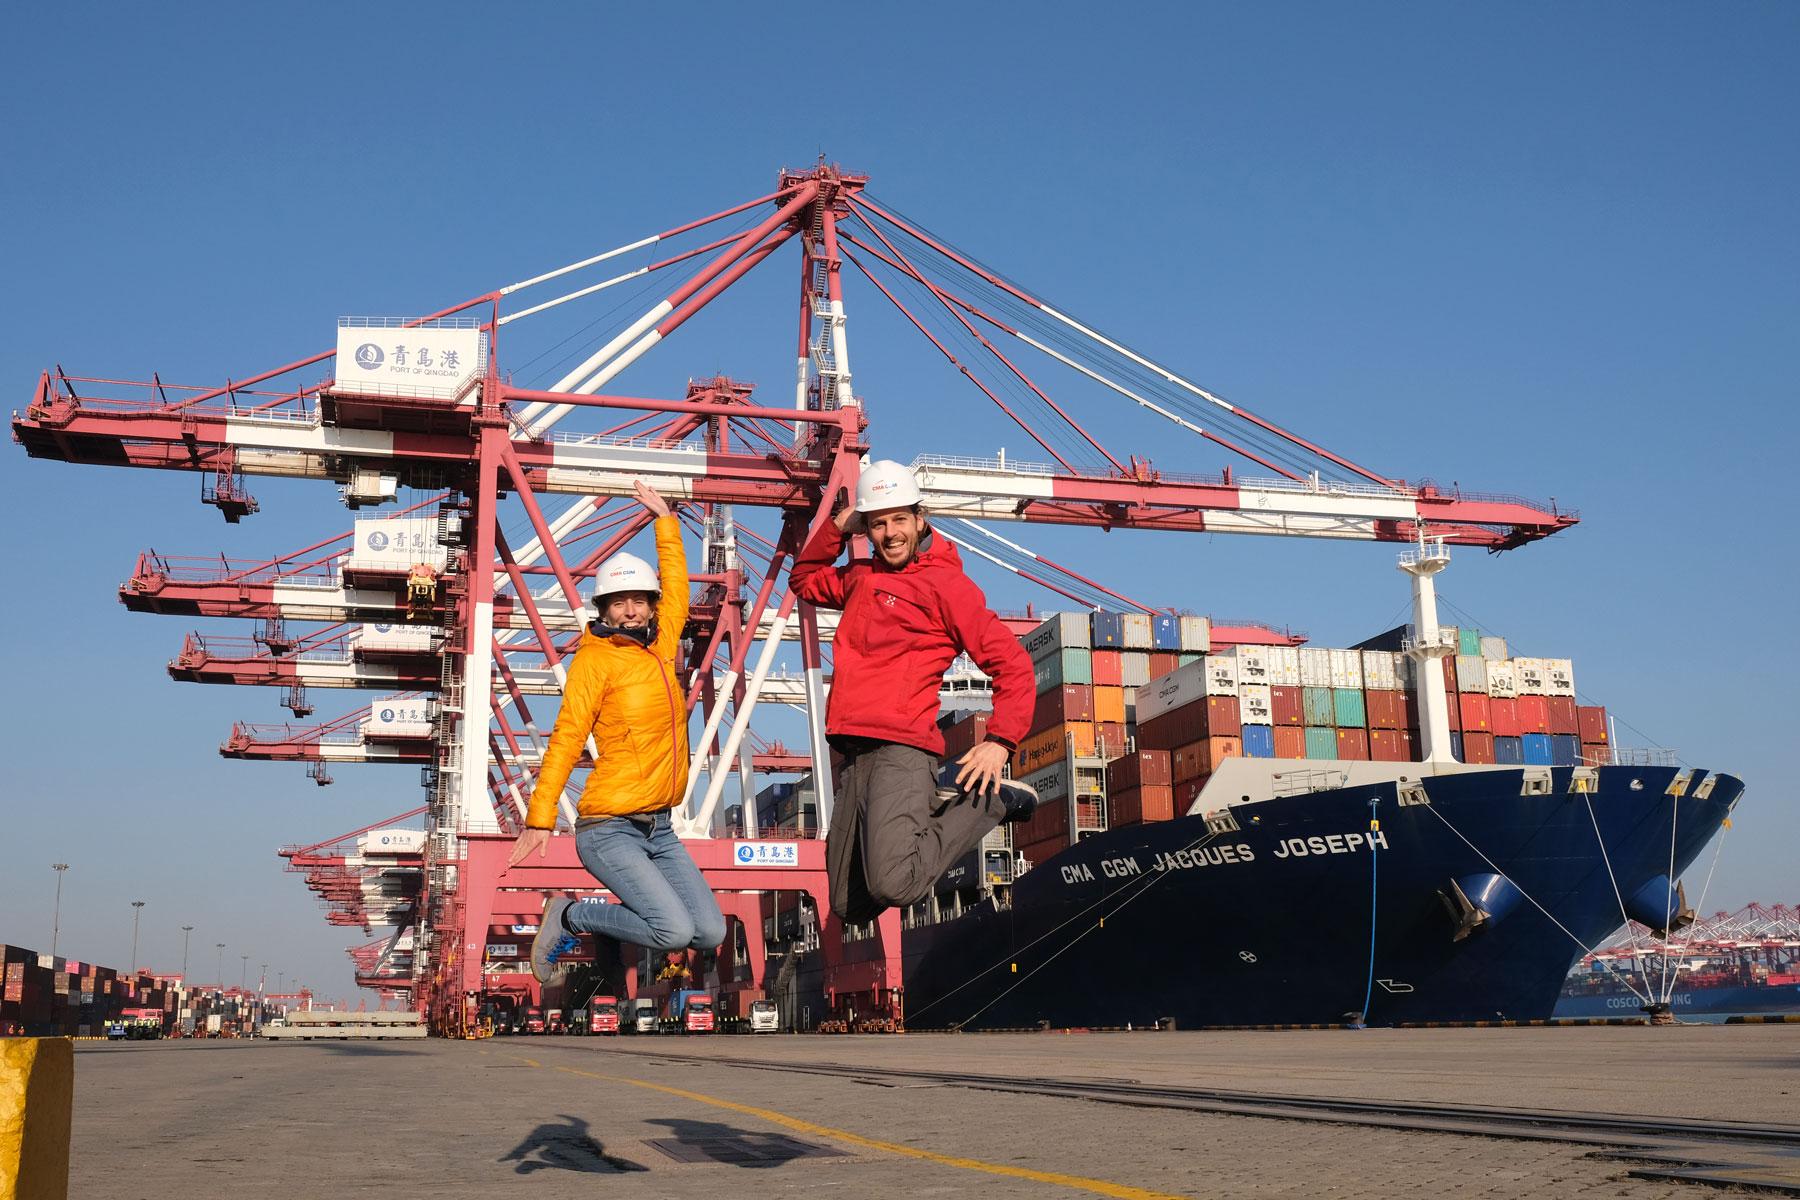 Leo und Sebastian springen vor dem Containerschiff in die Luft.